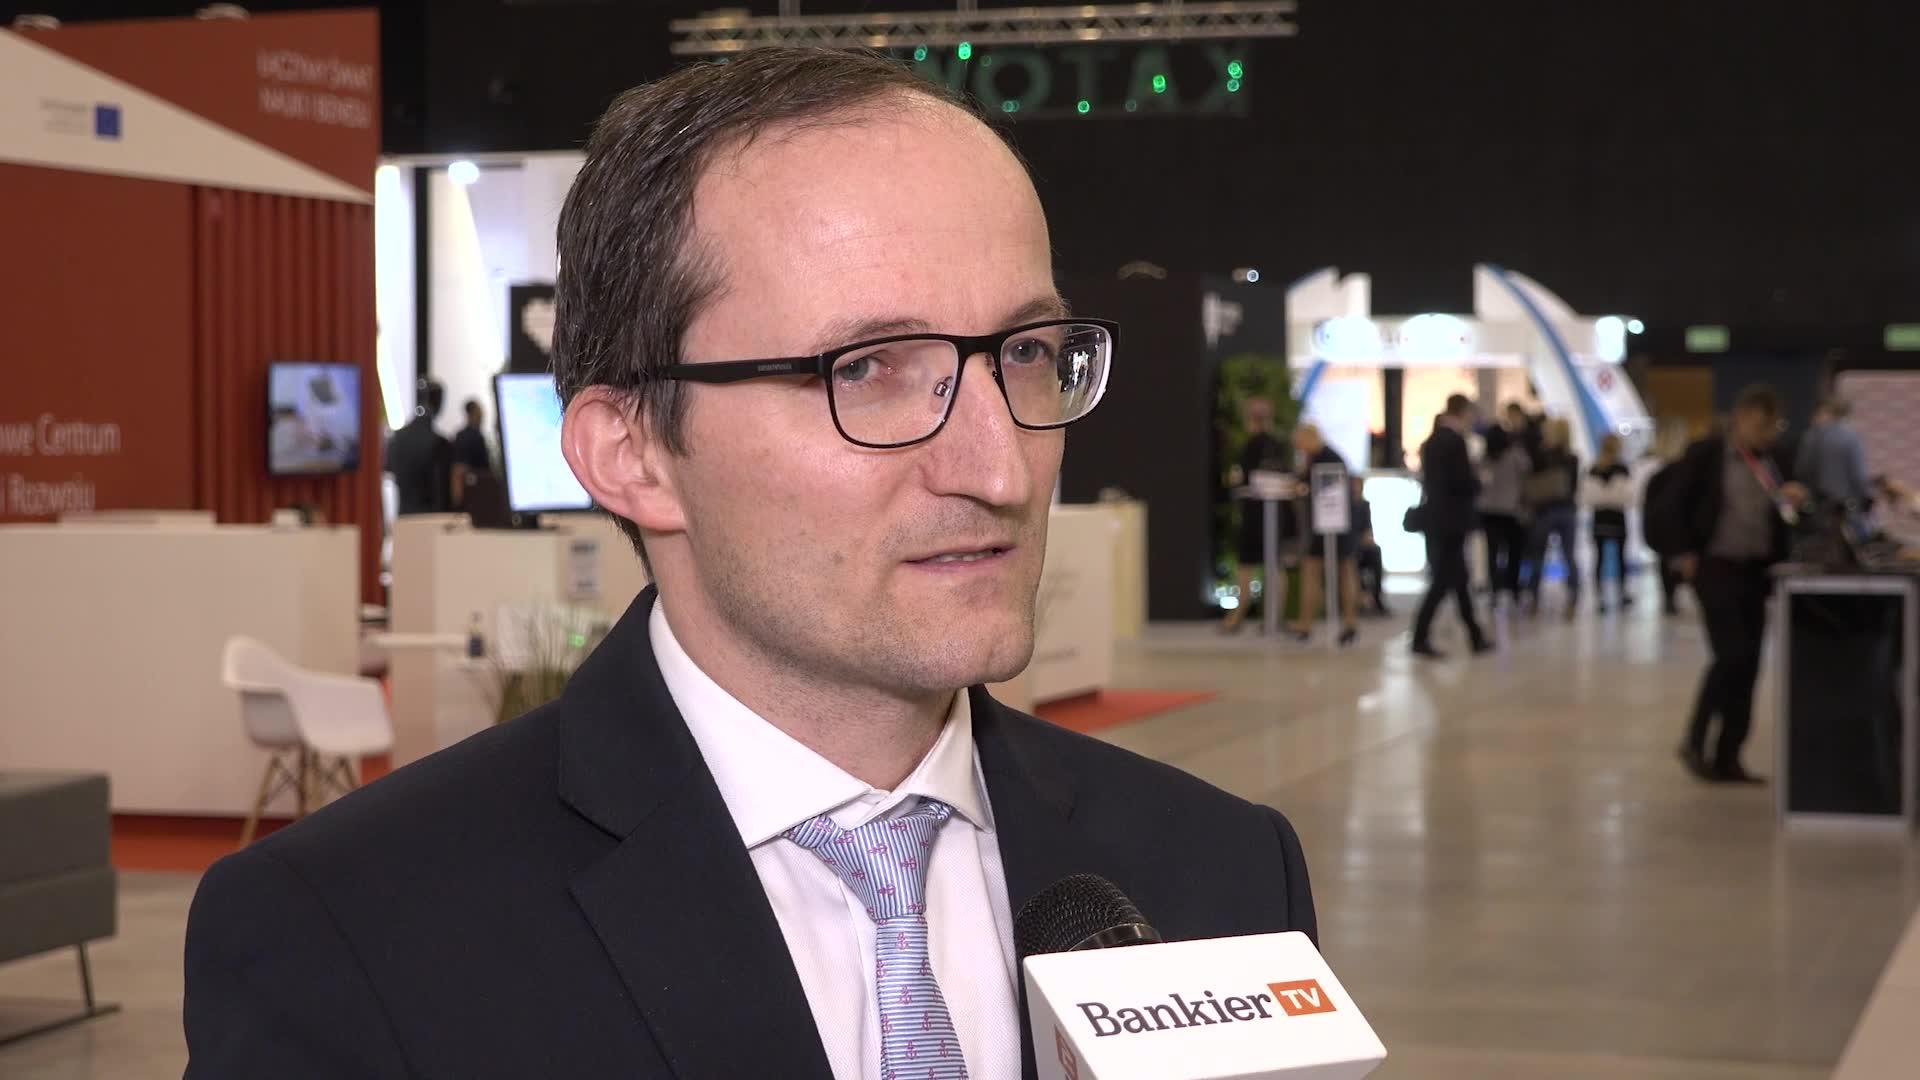 Konsolidacja i ekspansja zagraniczna - to czeka rynek spożywczy w Polsce